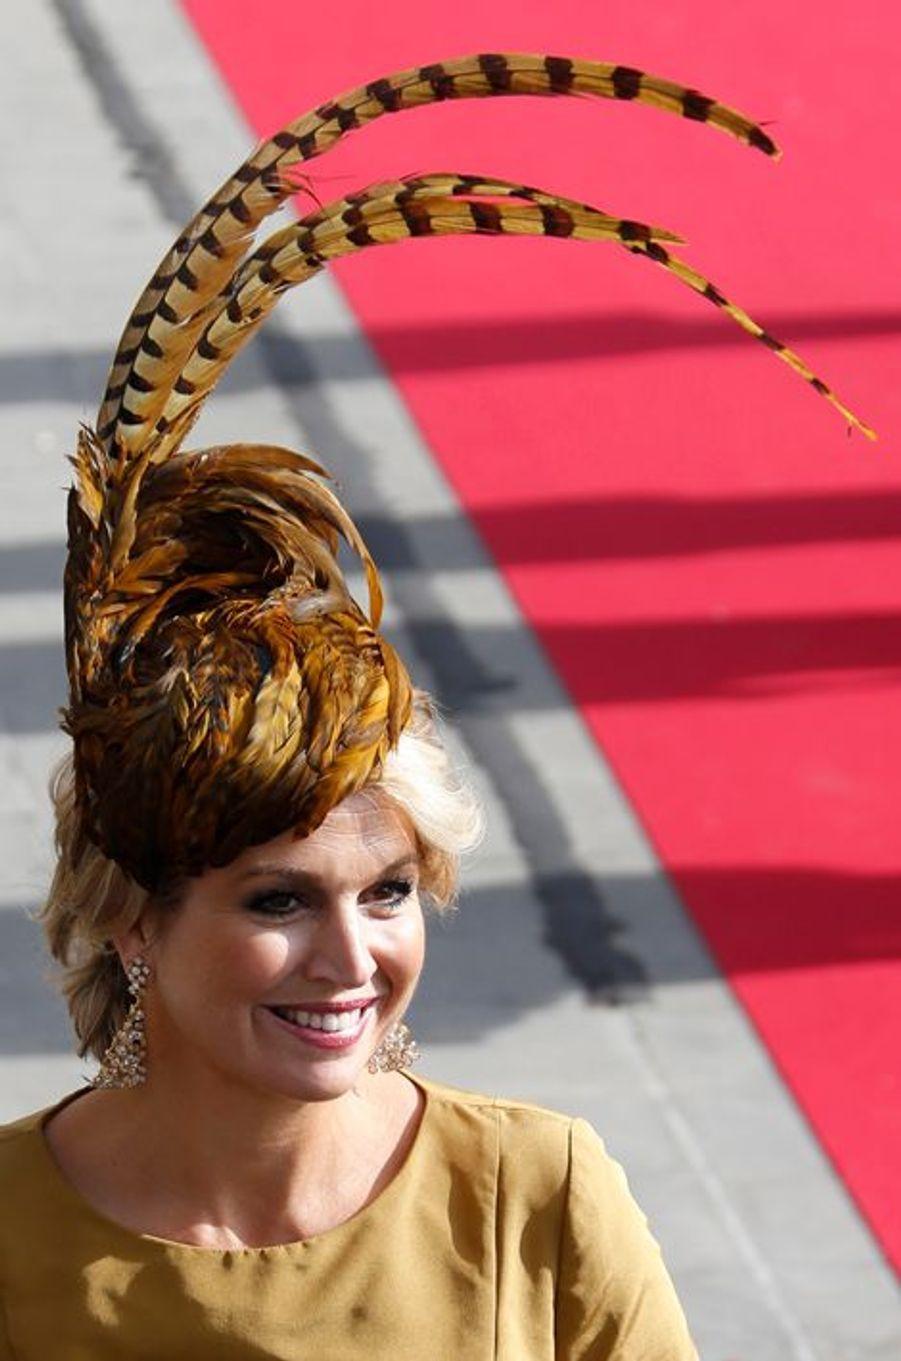 La princesse Maxima des Pays-Bas à Luxembourg, le 20 octobre 2012